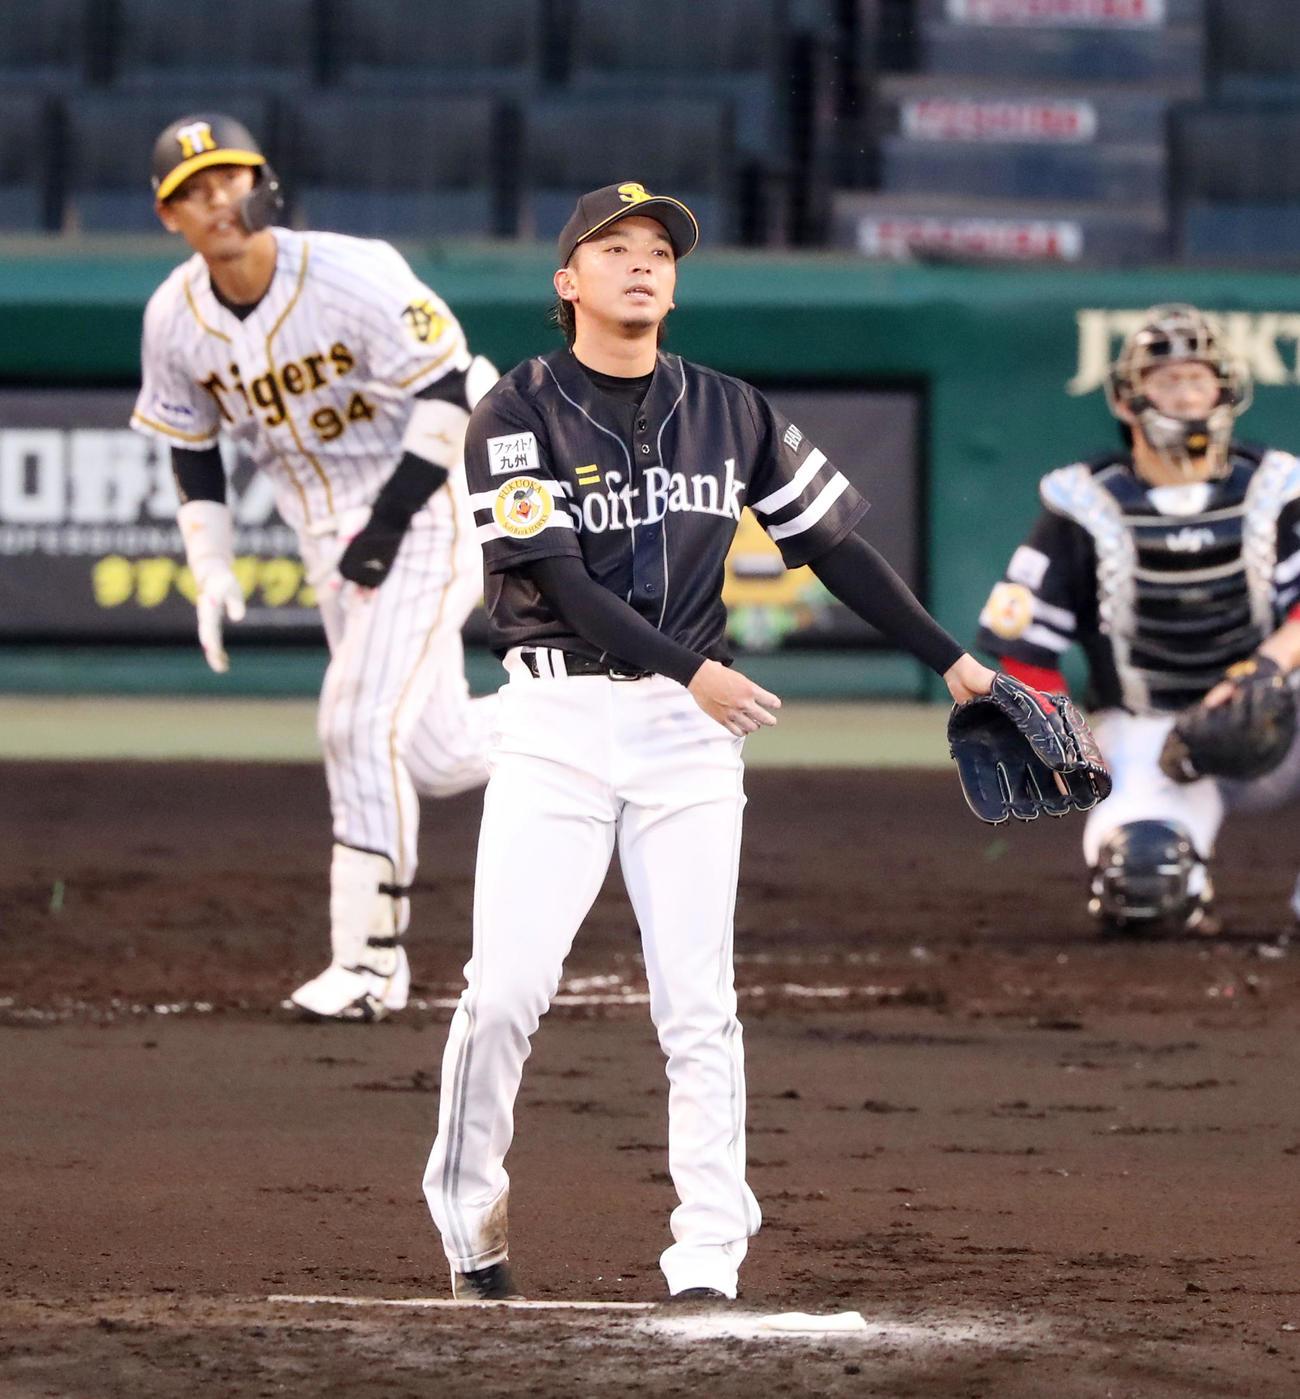 阪神対ソフトバンク 2回裏阪神1死一塁、東浜は原口に左越え2点本塁打を被弾(撮影・加藤哉)